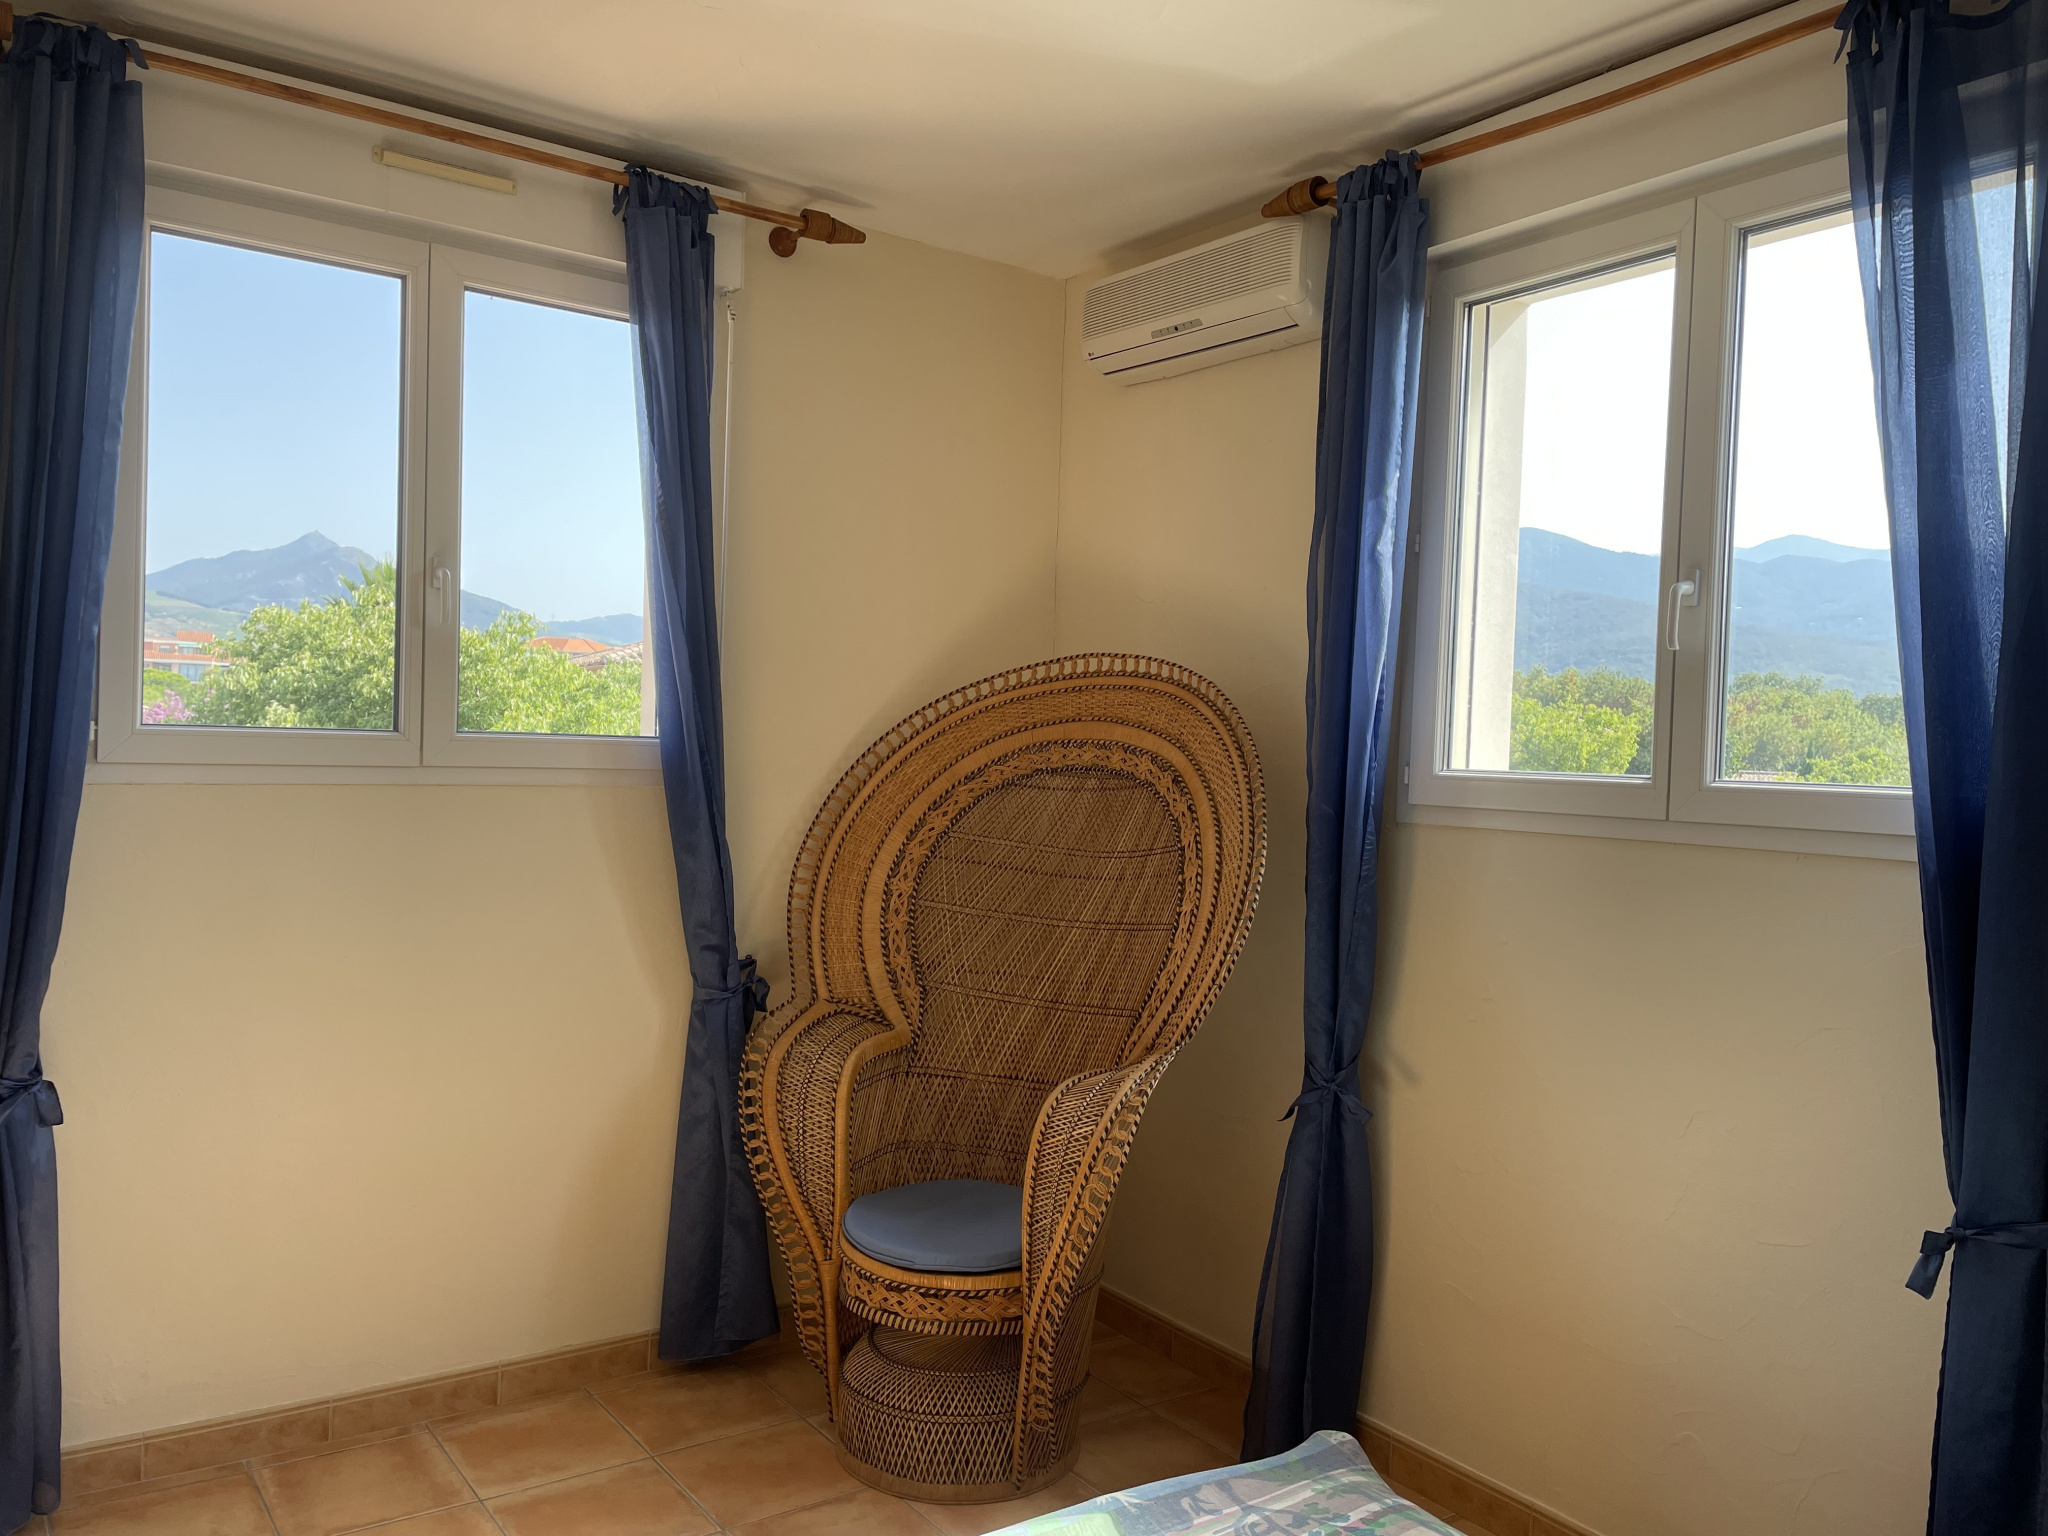 À vendre maison/villa de 124m2 à argeles sur mer (66700) - Photo 18'